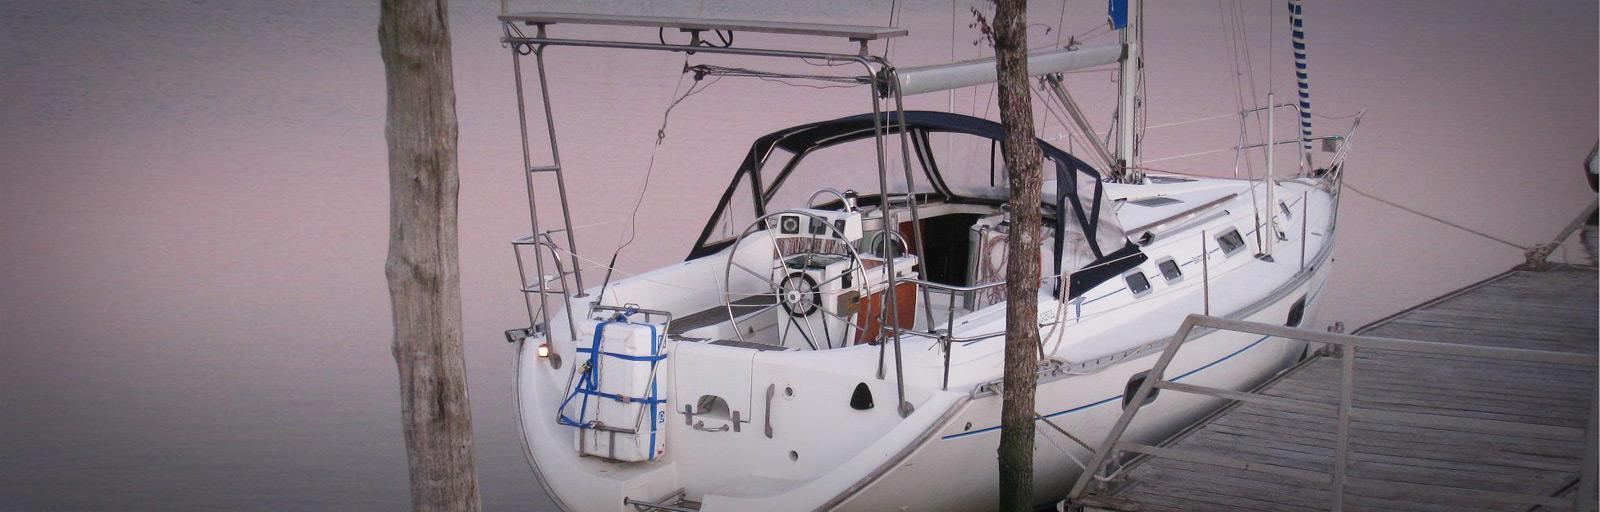 Oceanis 351 - AYC Yachtbroker